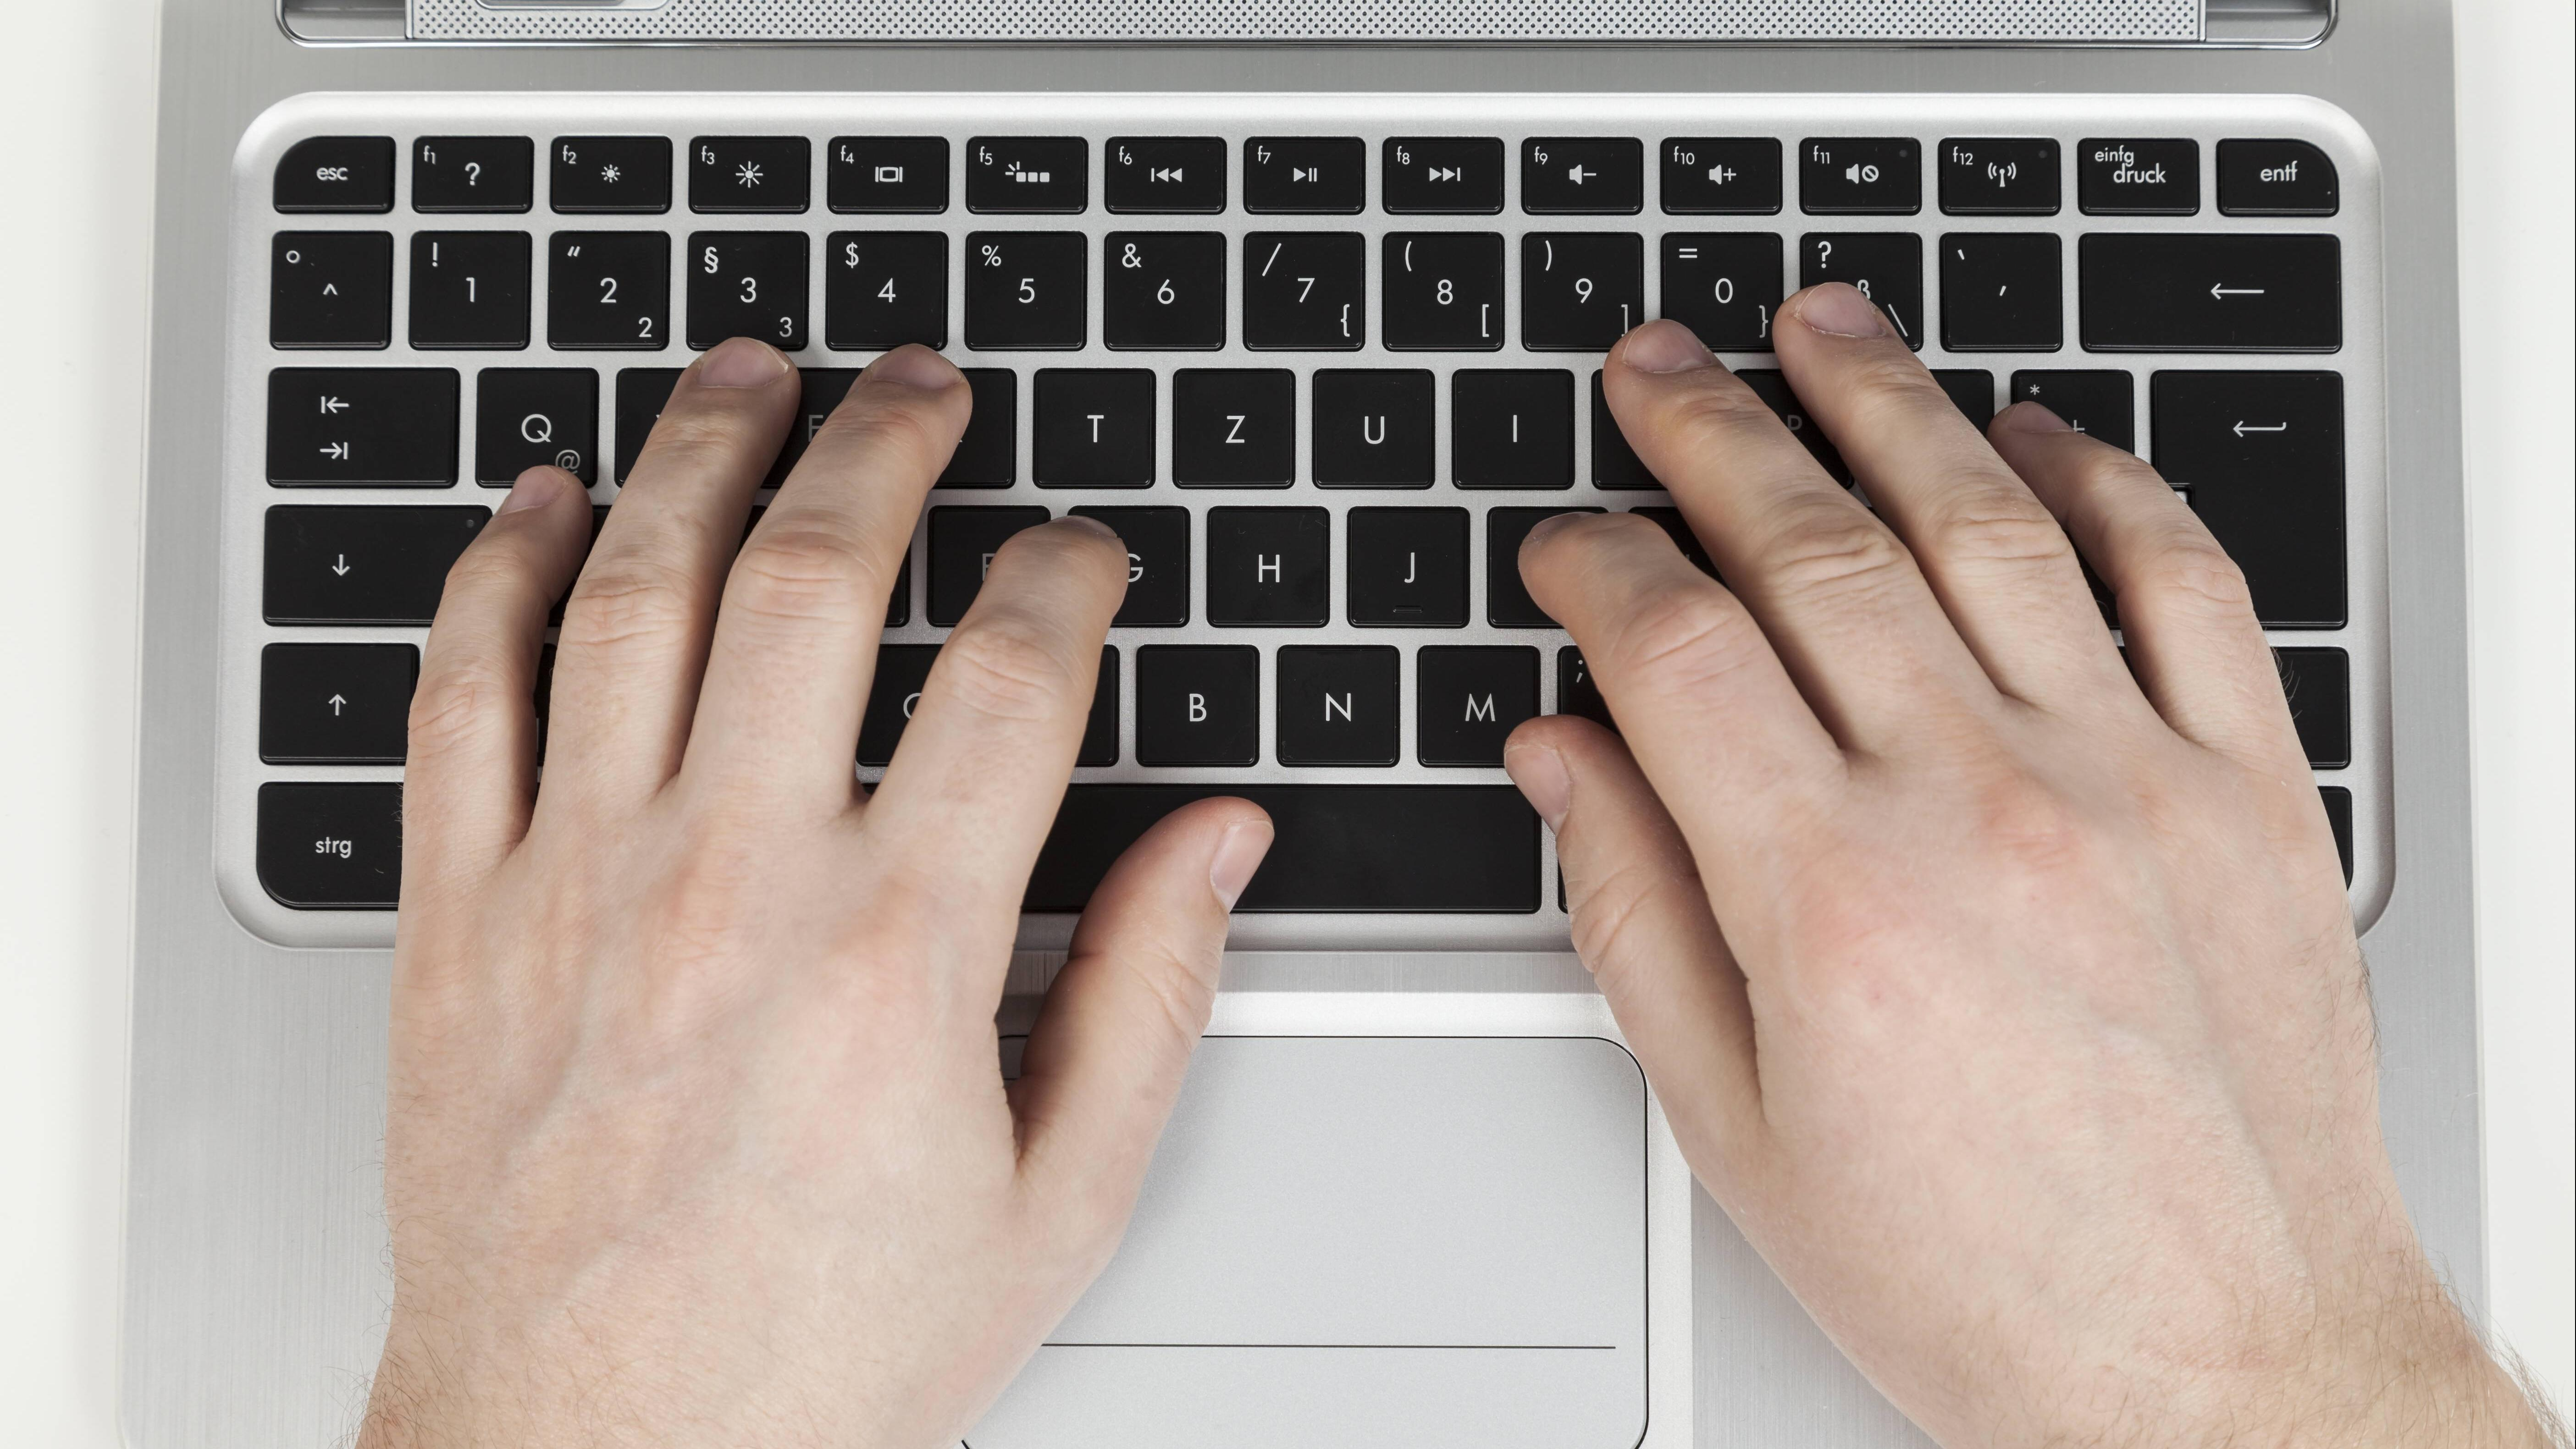 Kreuz-Zeichen auf Tastatur eingeben - so geht's